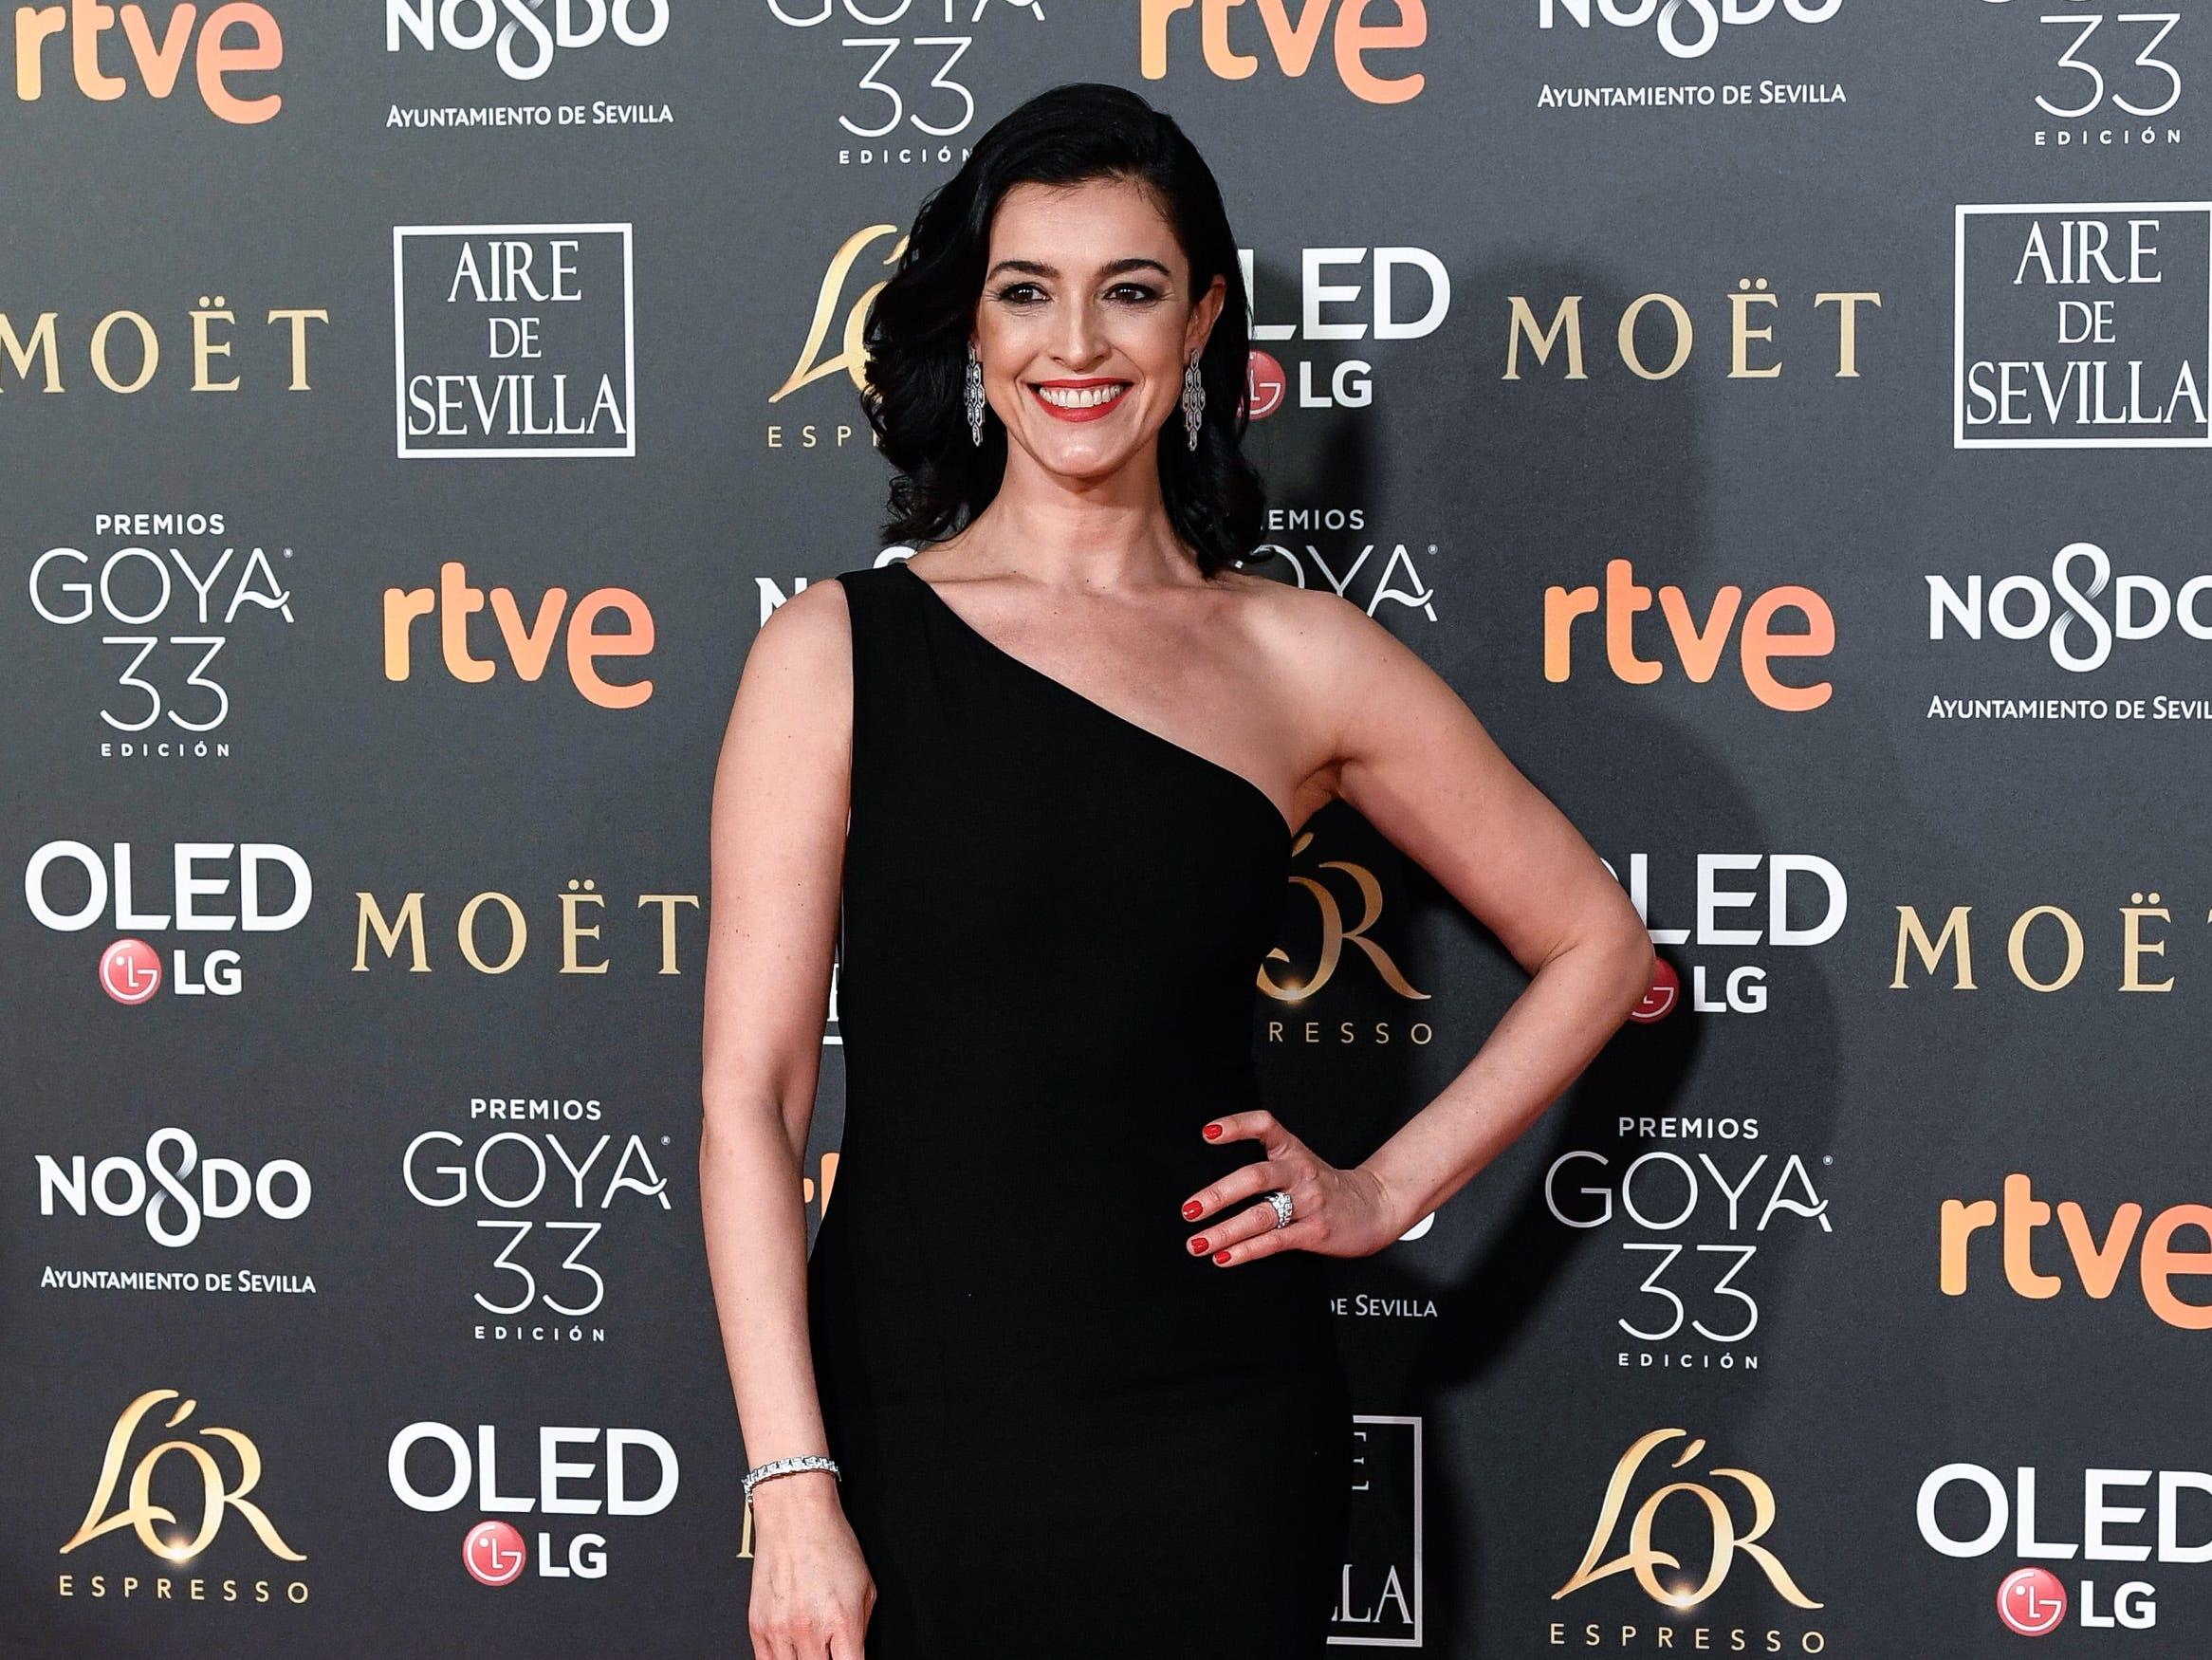 Blanca Romero asiste a la 33ª edición de los Premios de Cine Goya en el Palacio de Congresos y Exposiciones FIBES el 2 de febrero de 2019 en Sevilla, España.